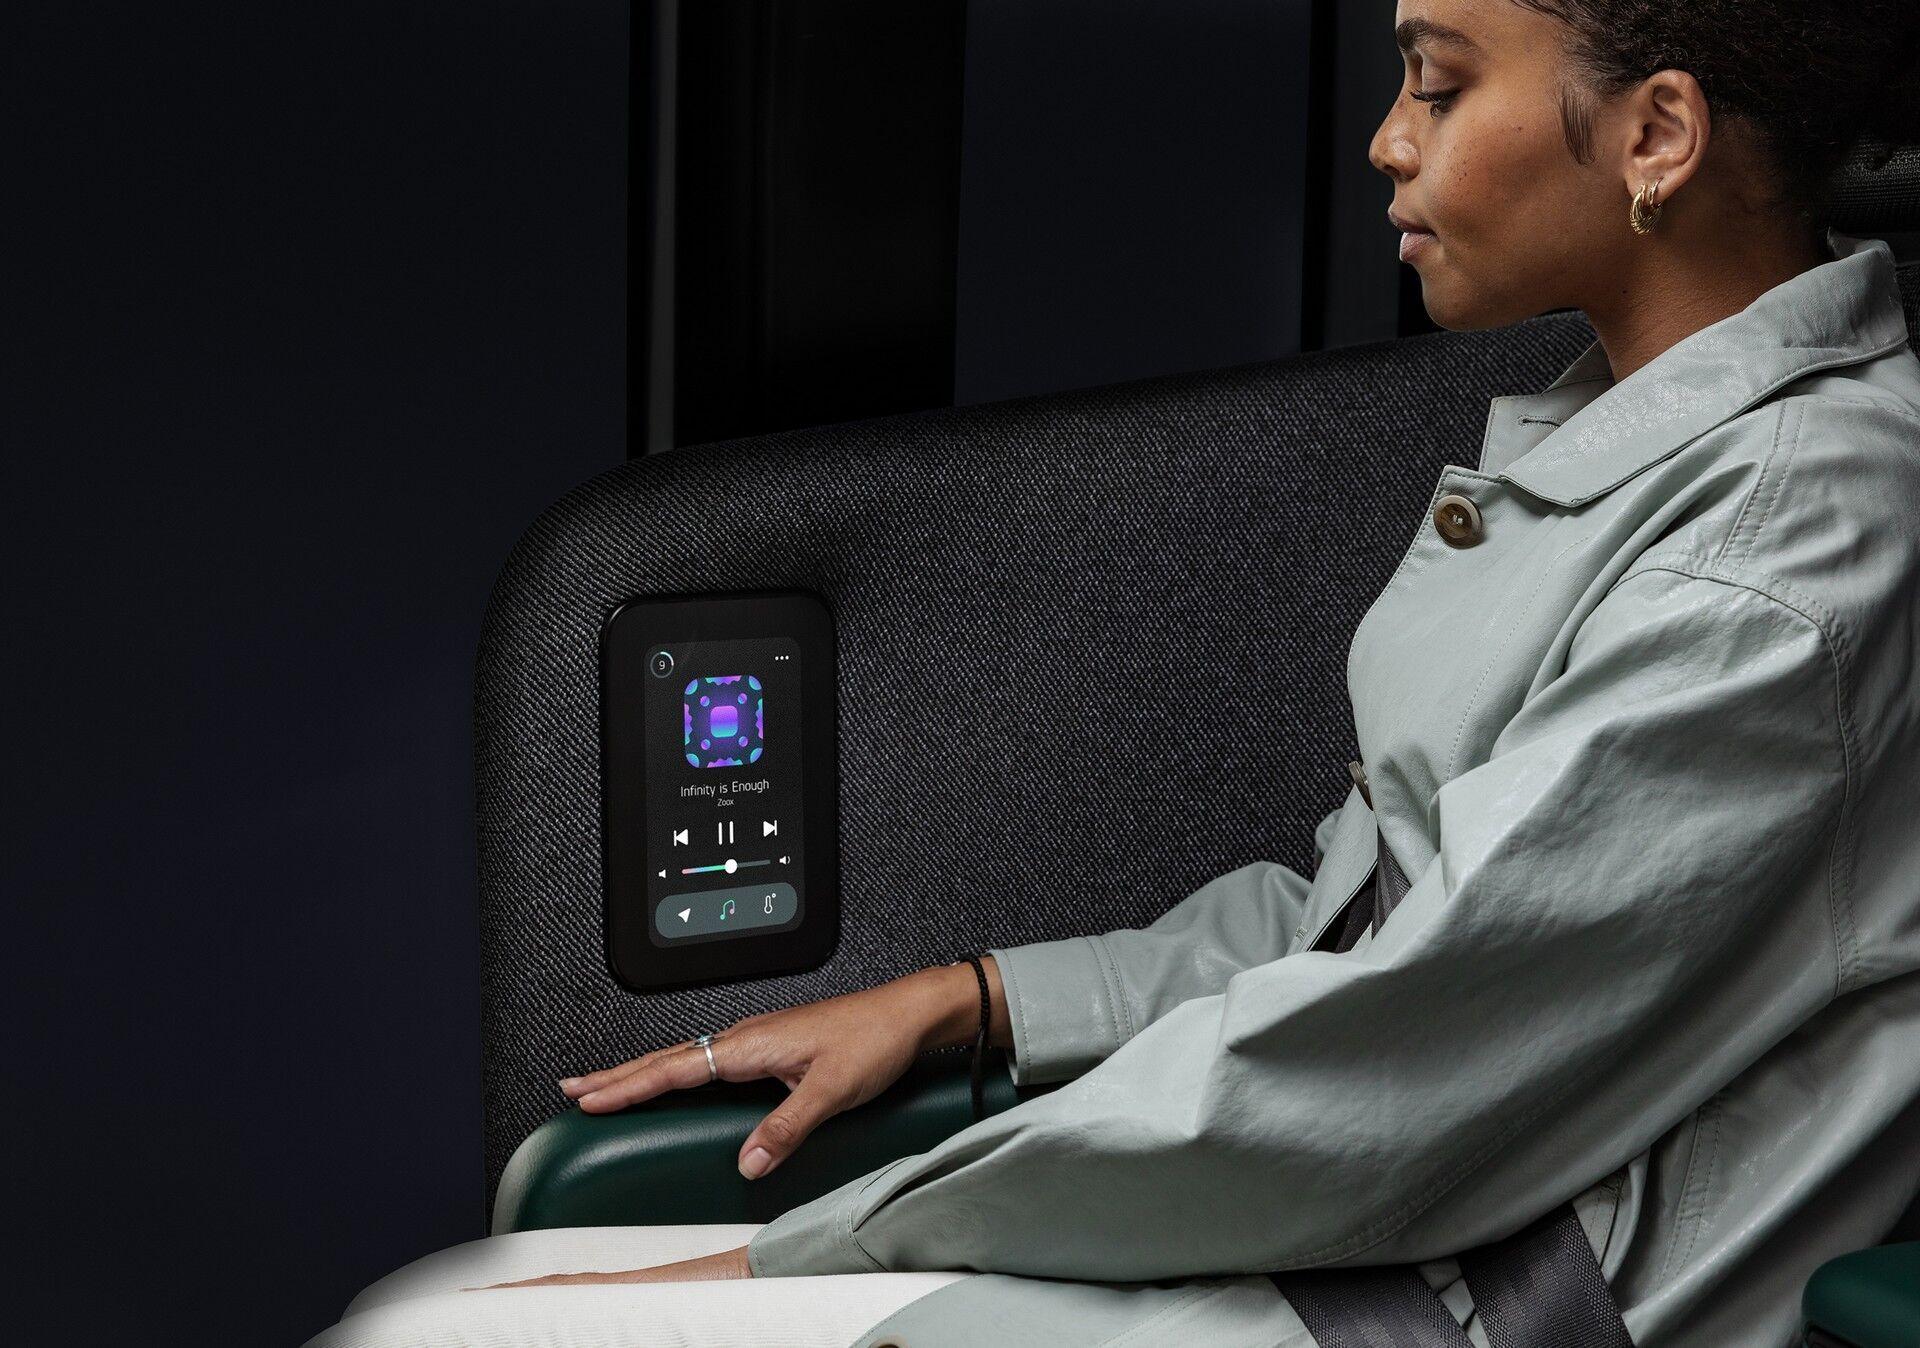 Каждый пассажир может воспользоваться информационно-развлекательной системой